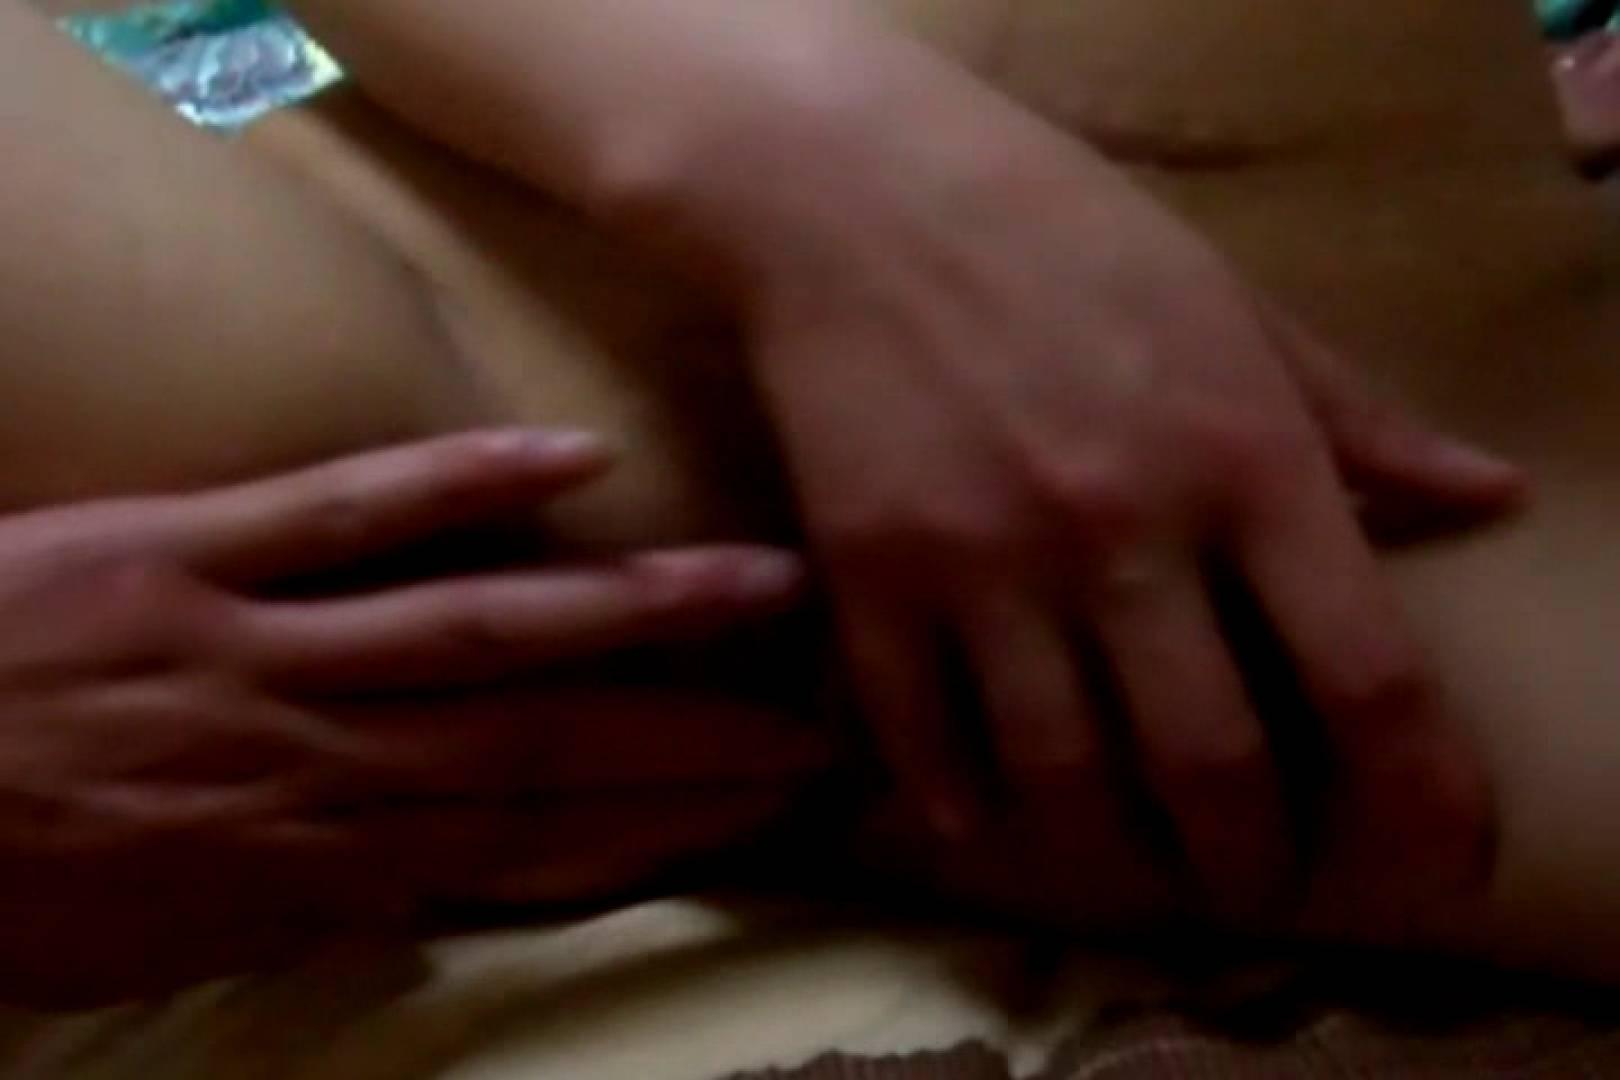 ウイルス流出 Ownerのハメ撮り映像 マンコ  71連発 27